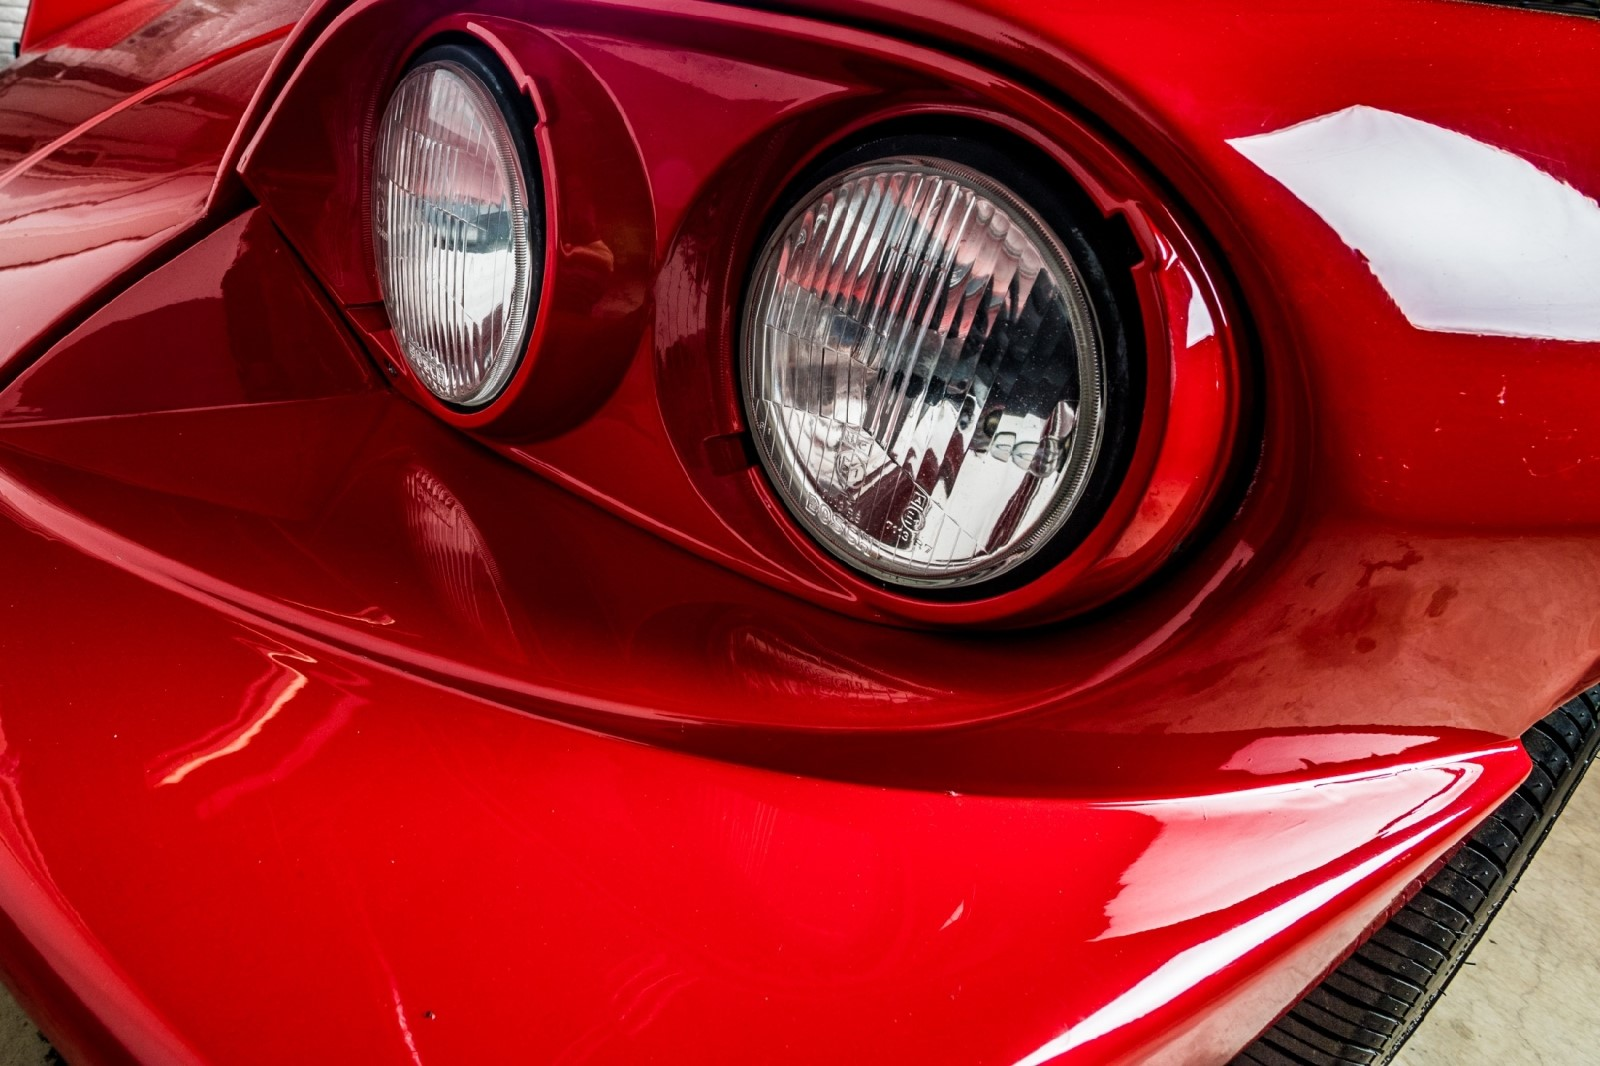 Lister Jaguar XJS 7.0 Le Mans Coupe for sale (19)